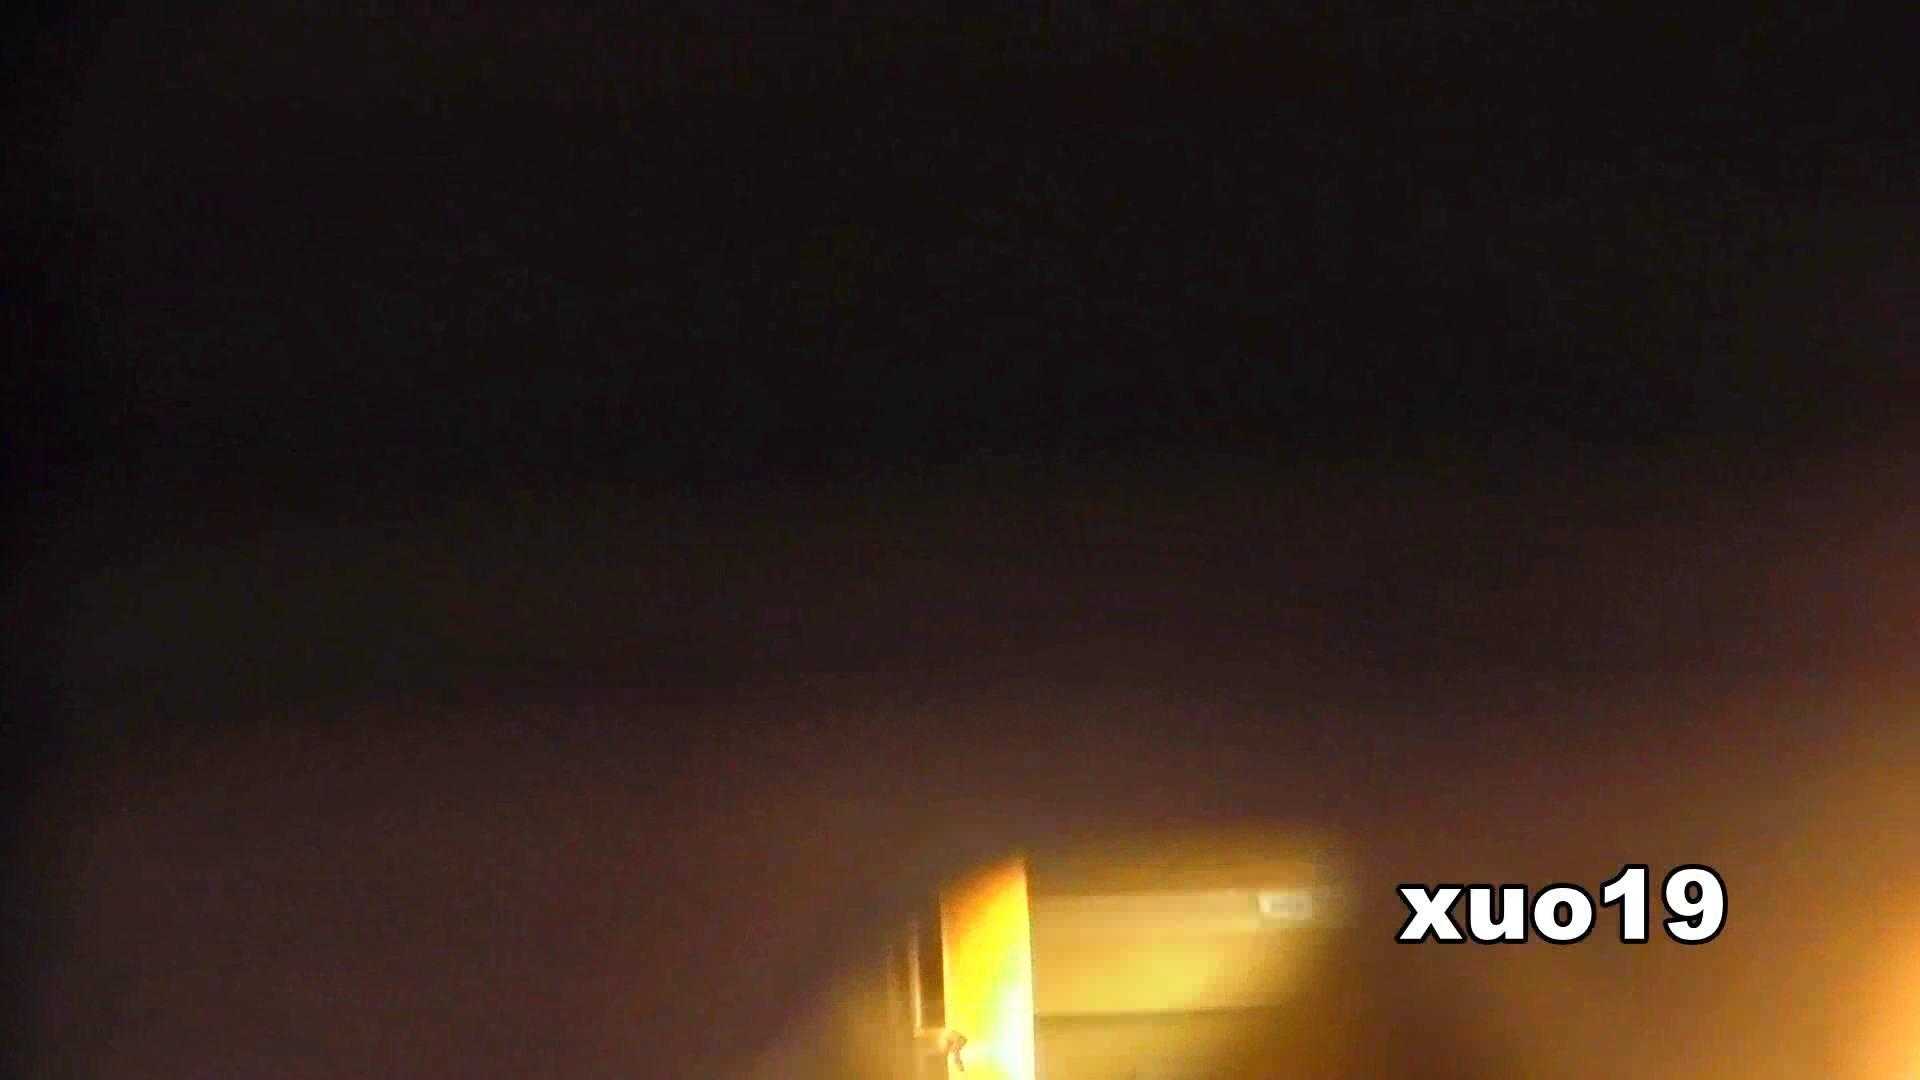 阿国ちゃんの「和式洋式七変化」No.19 キラキラ系 お姉さん  111PIX 51